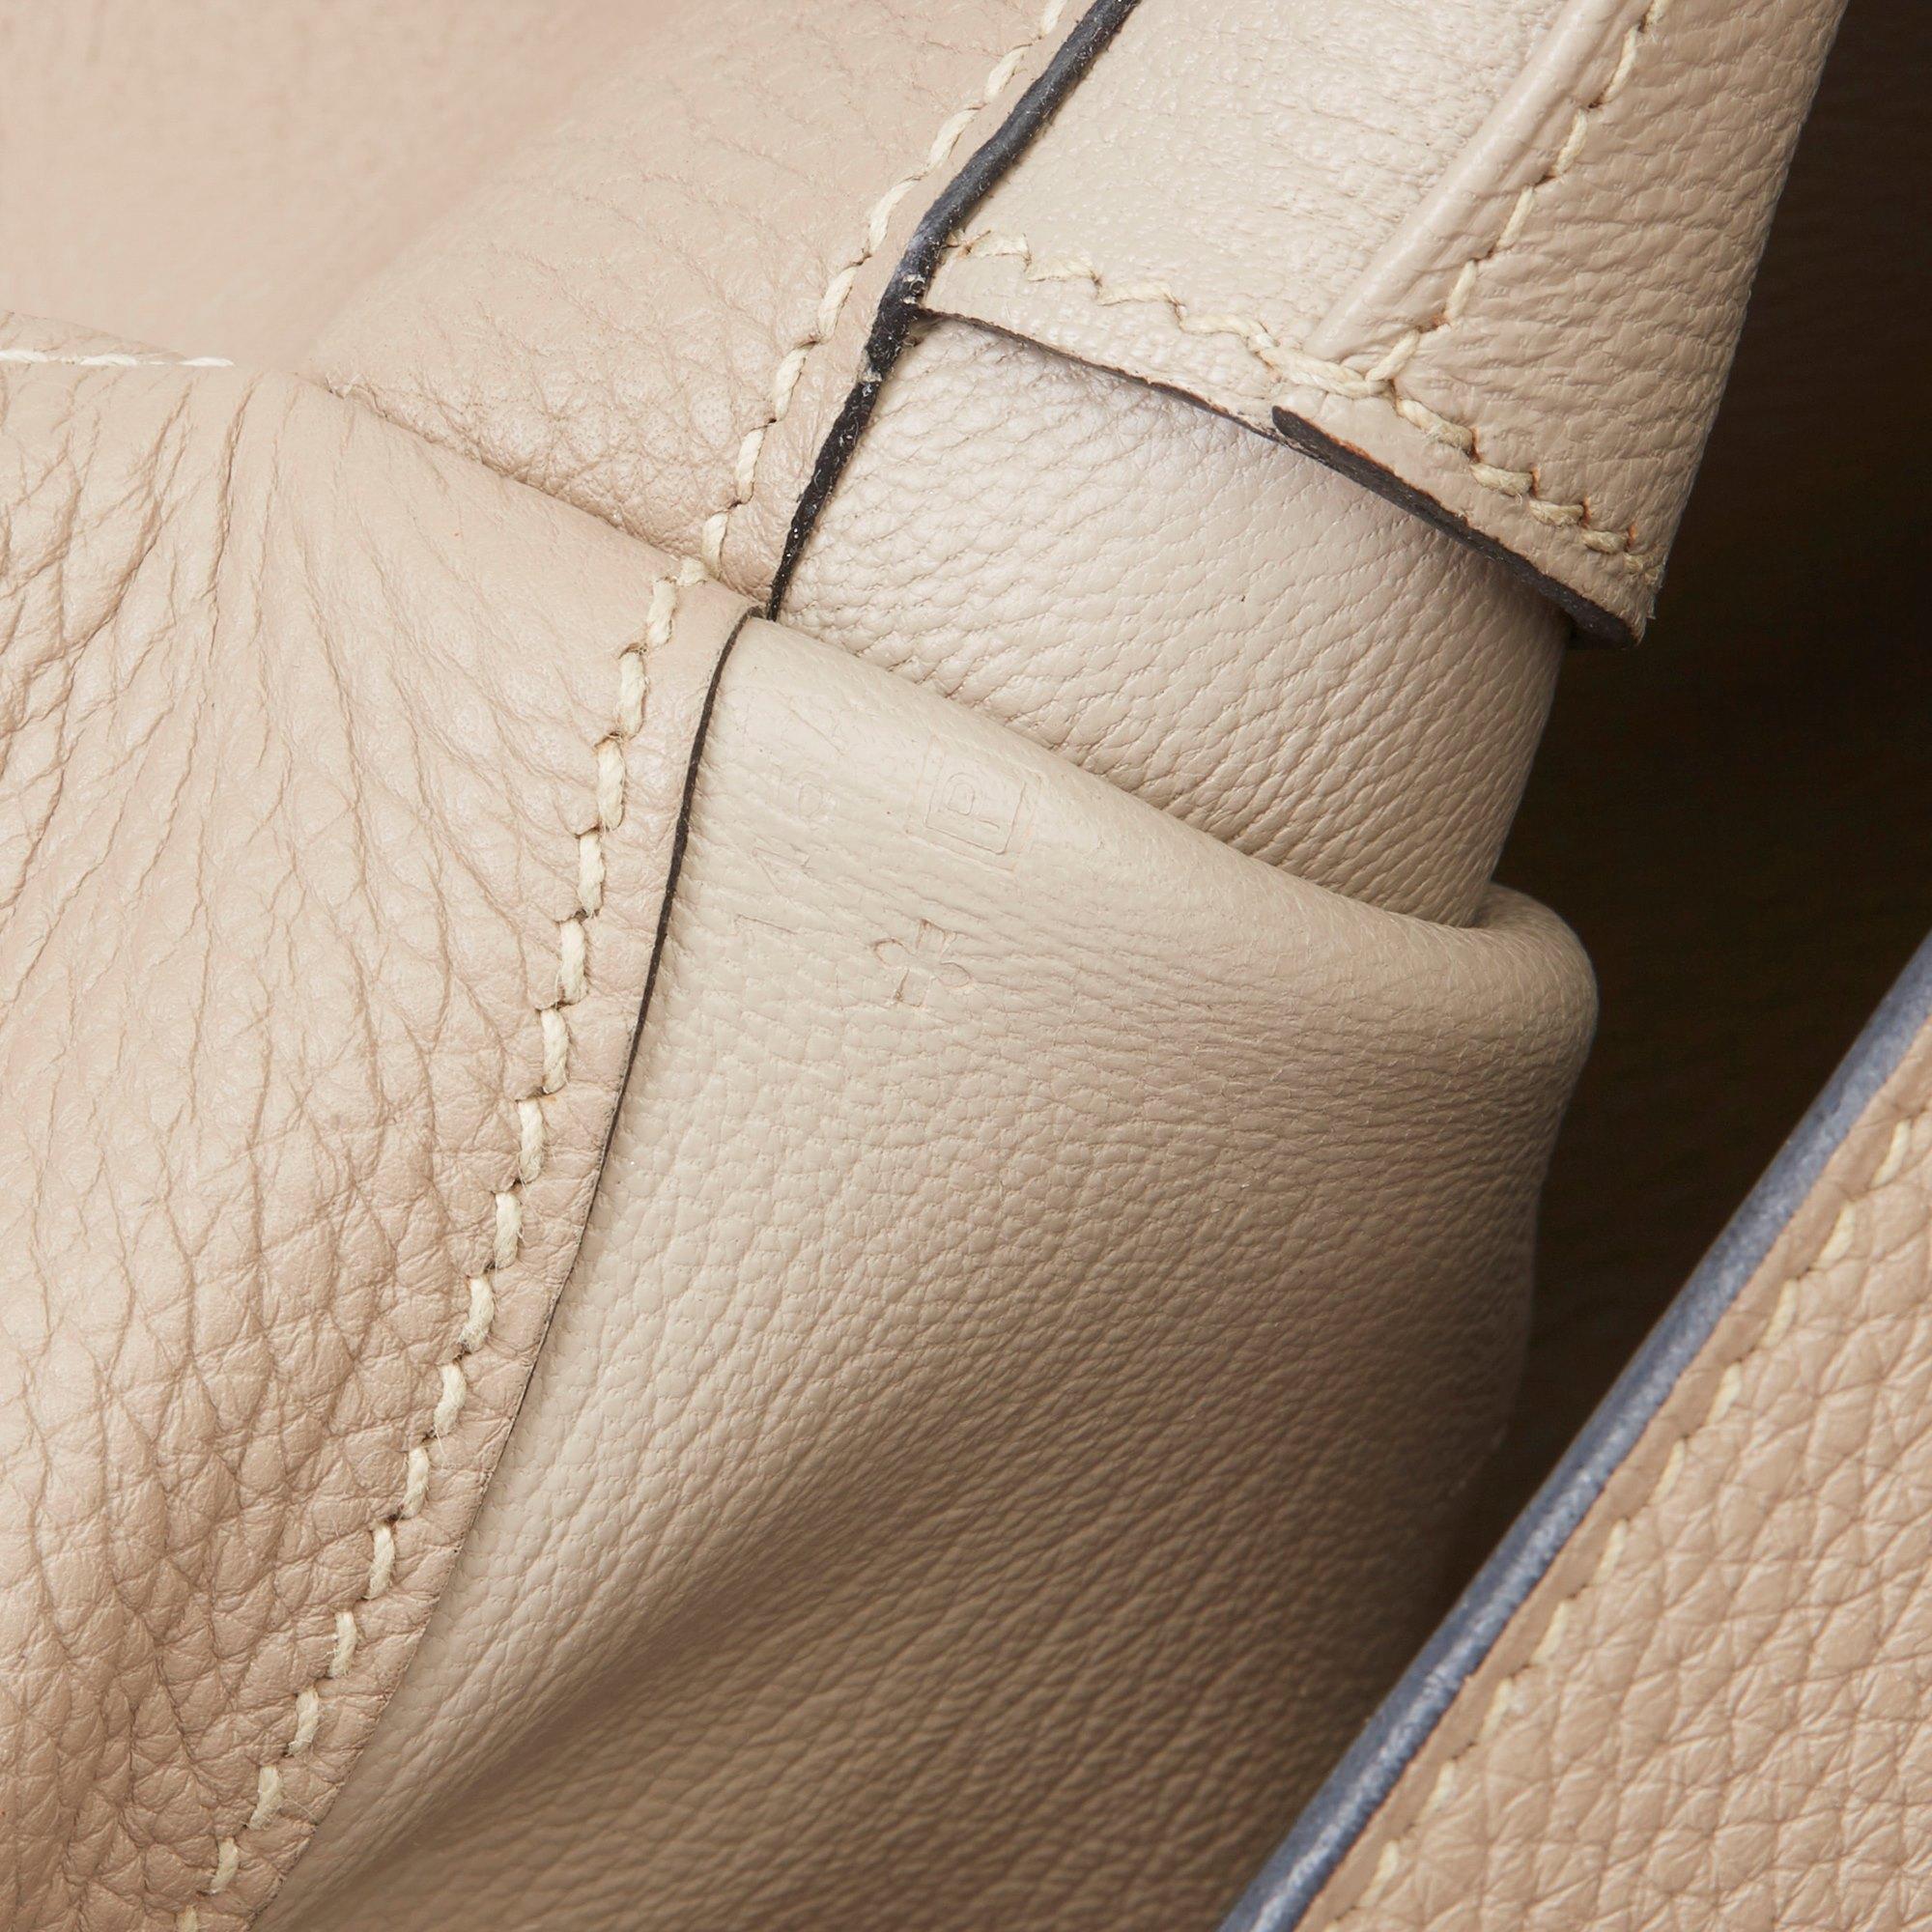 Hermès Etoupe Clemence Leather Etribelt